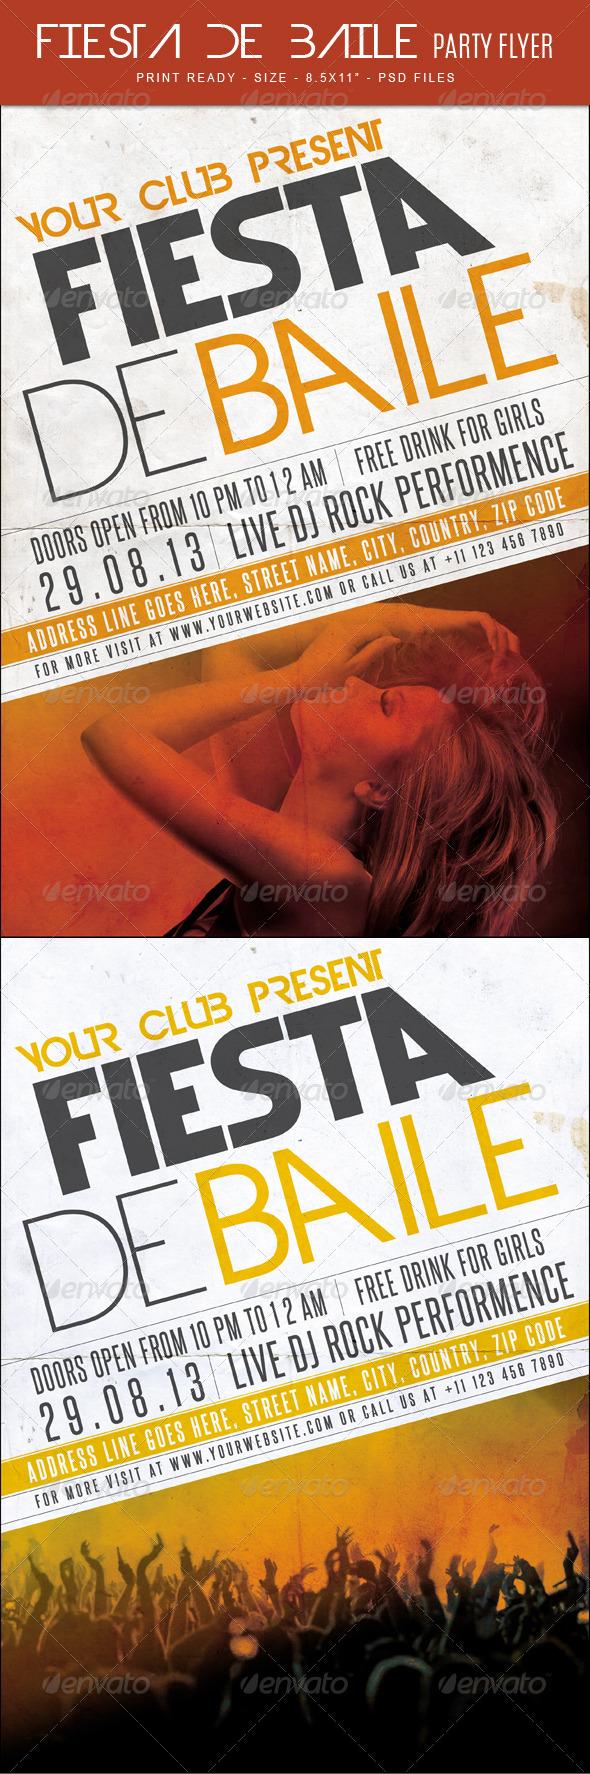 GraphicRiver Fiesta De Baile party Flyer 7902702